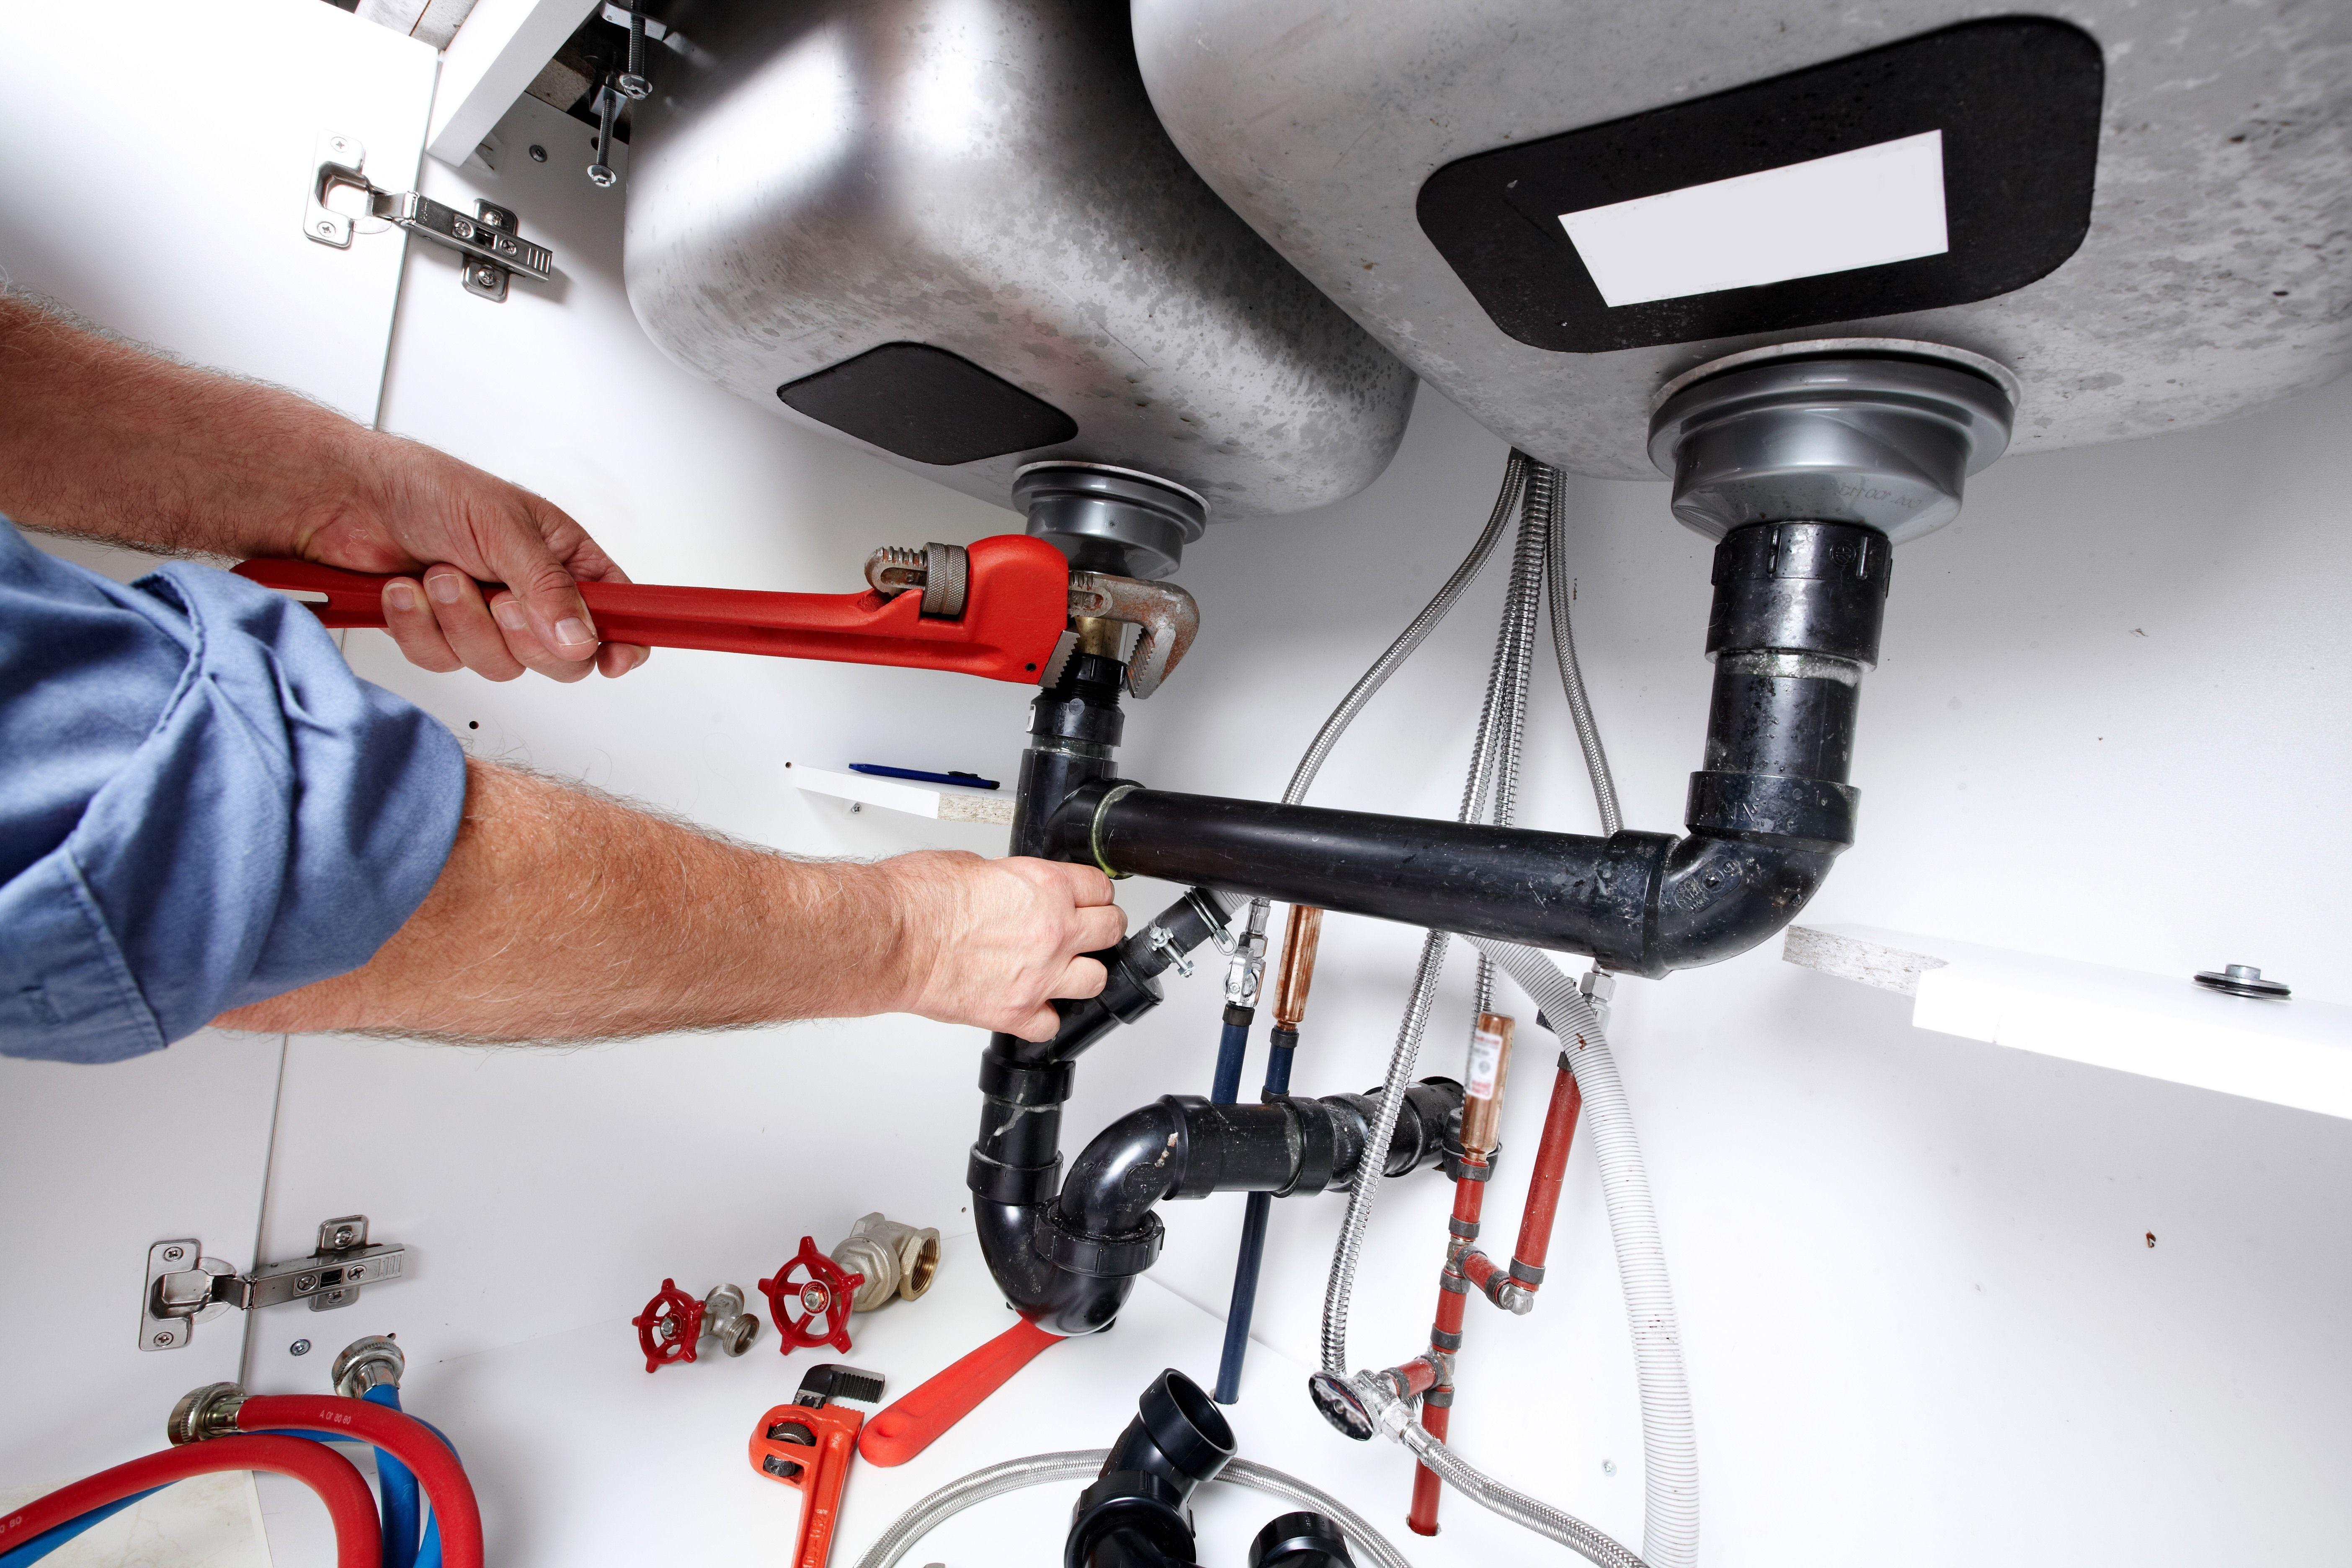 Plumbing Services In Aliso Viejo Plumbers Local Plumbers Near Me Plumbers Near Me Plumber Aliso Viejo Plumbing Emergency Heating Services Heating Repair